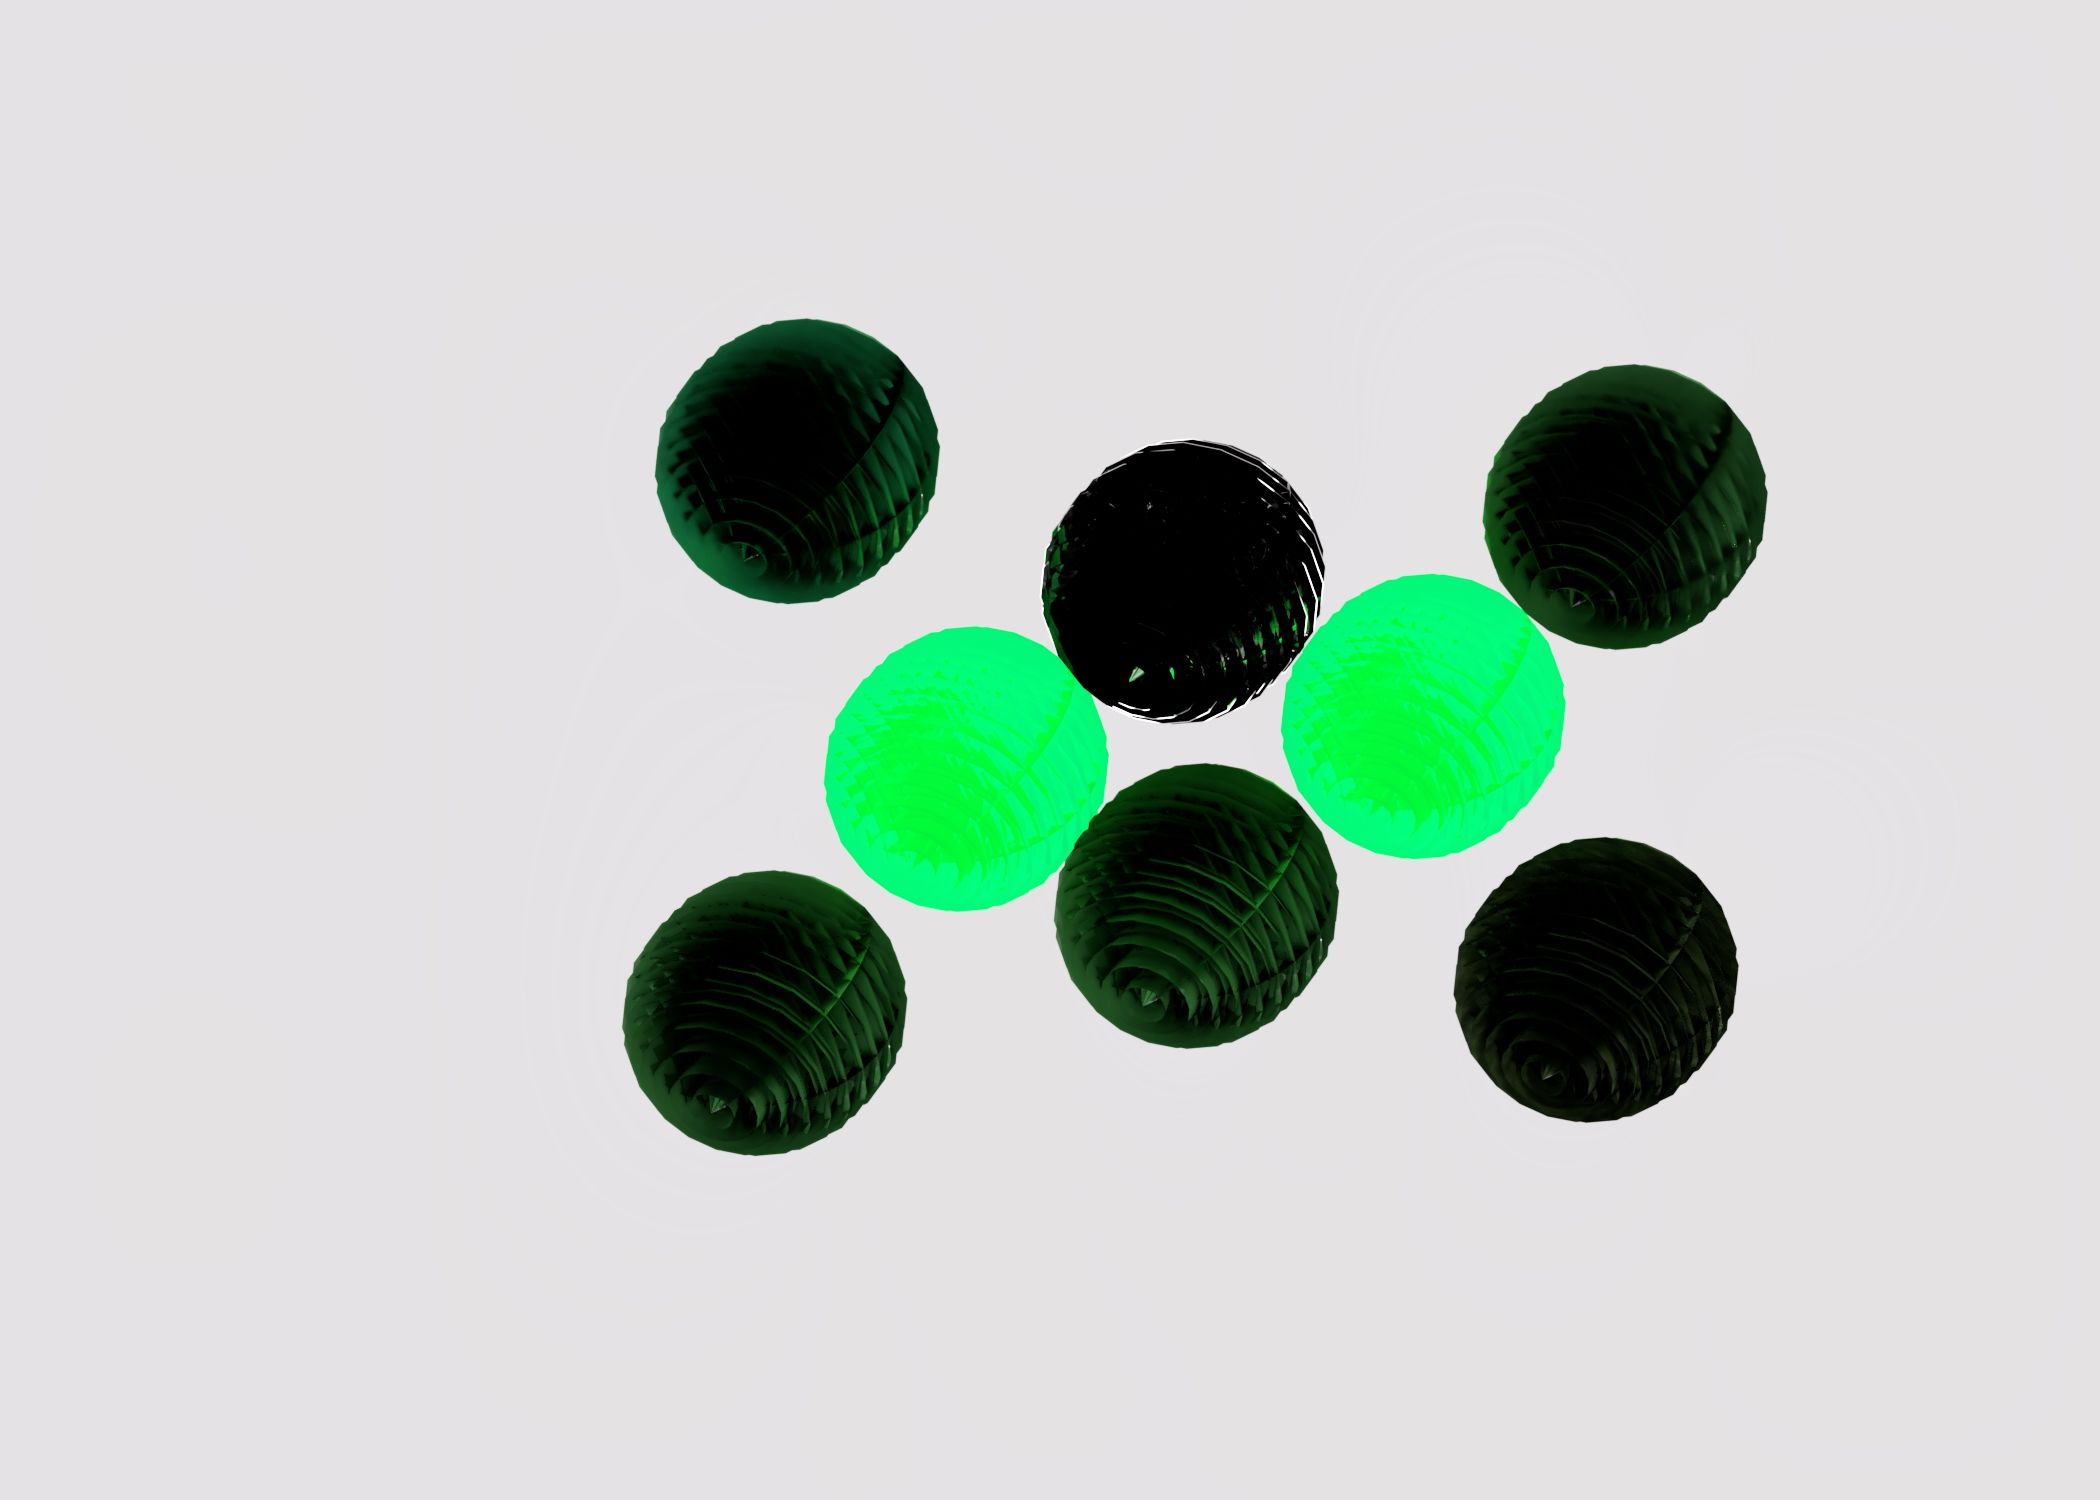 Raasrendering-d67feb8e-a804-4fef-985a-4f82215d518d-3500-3500